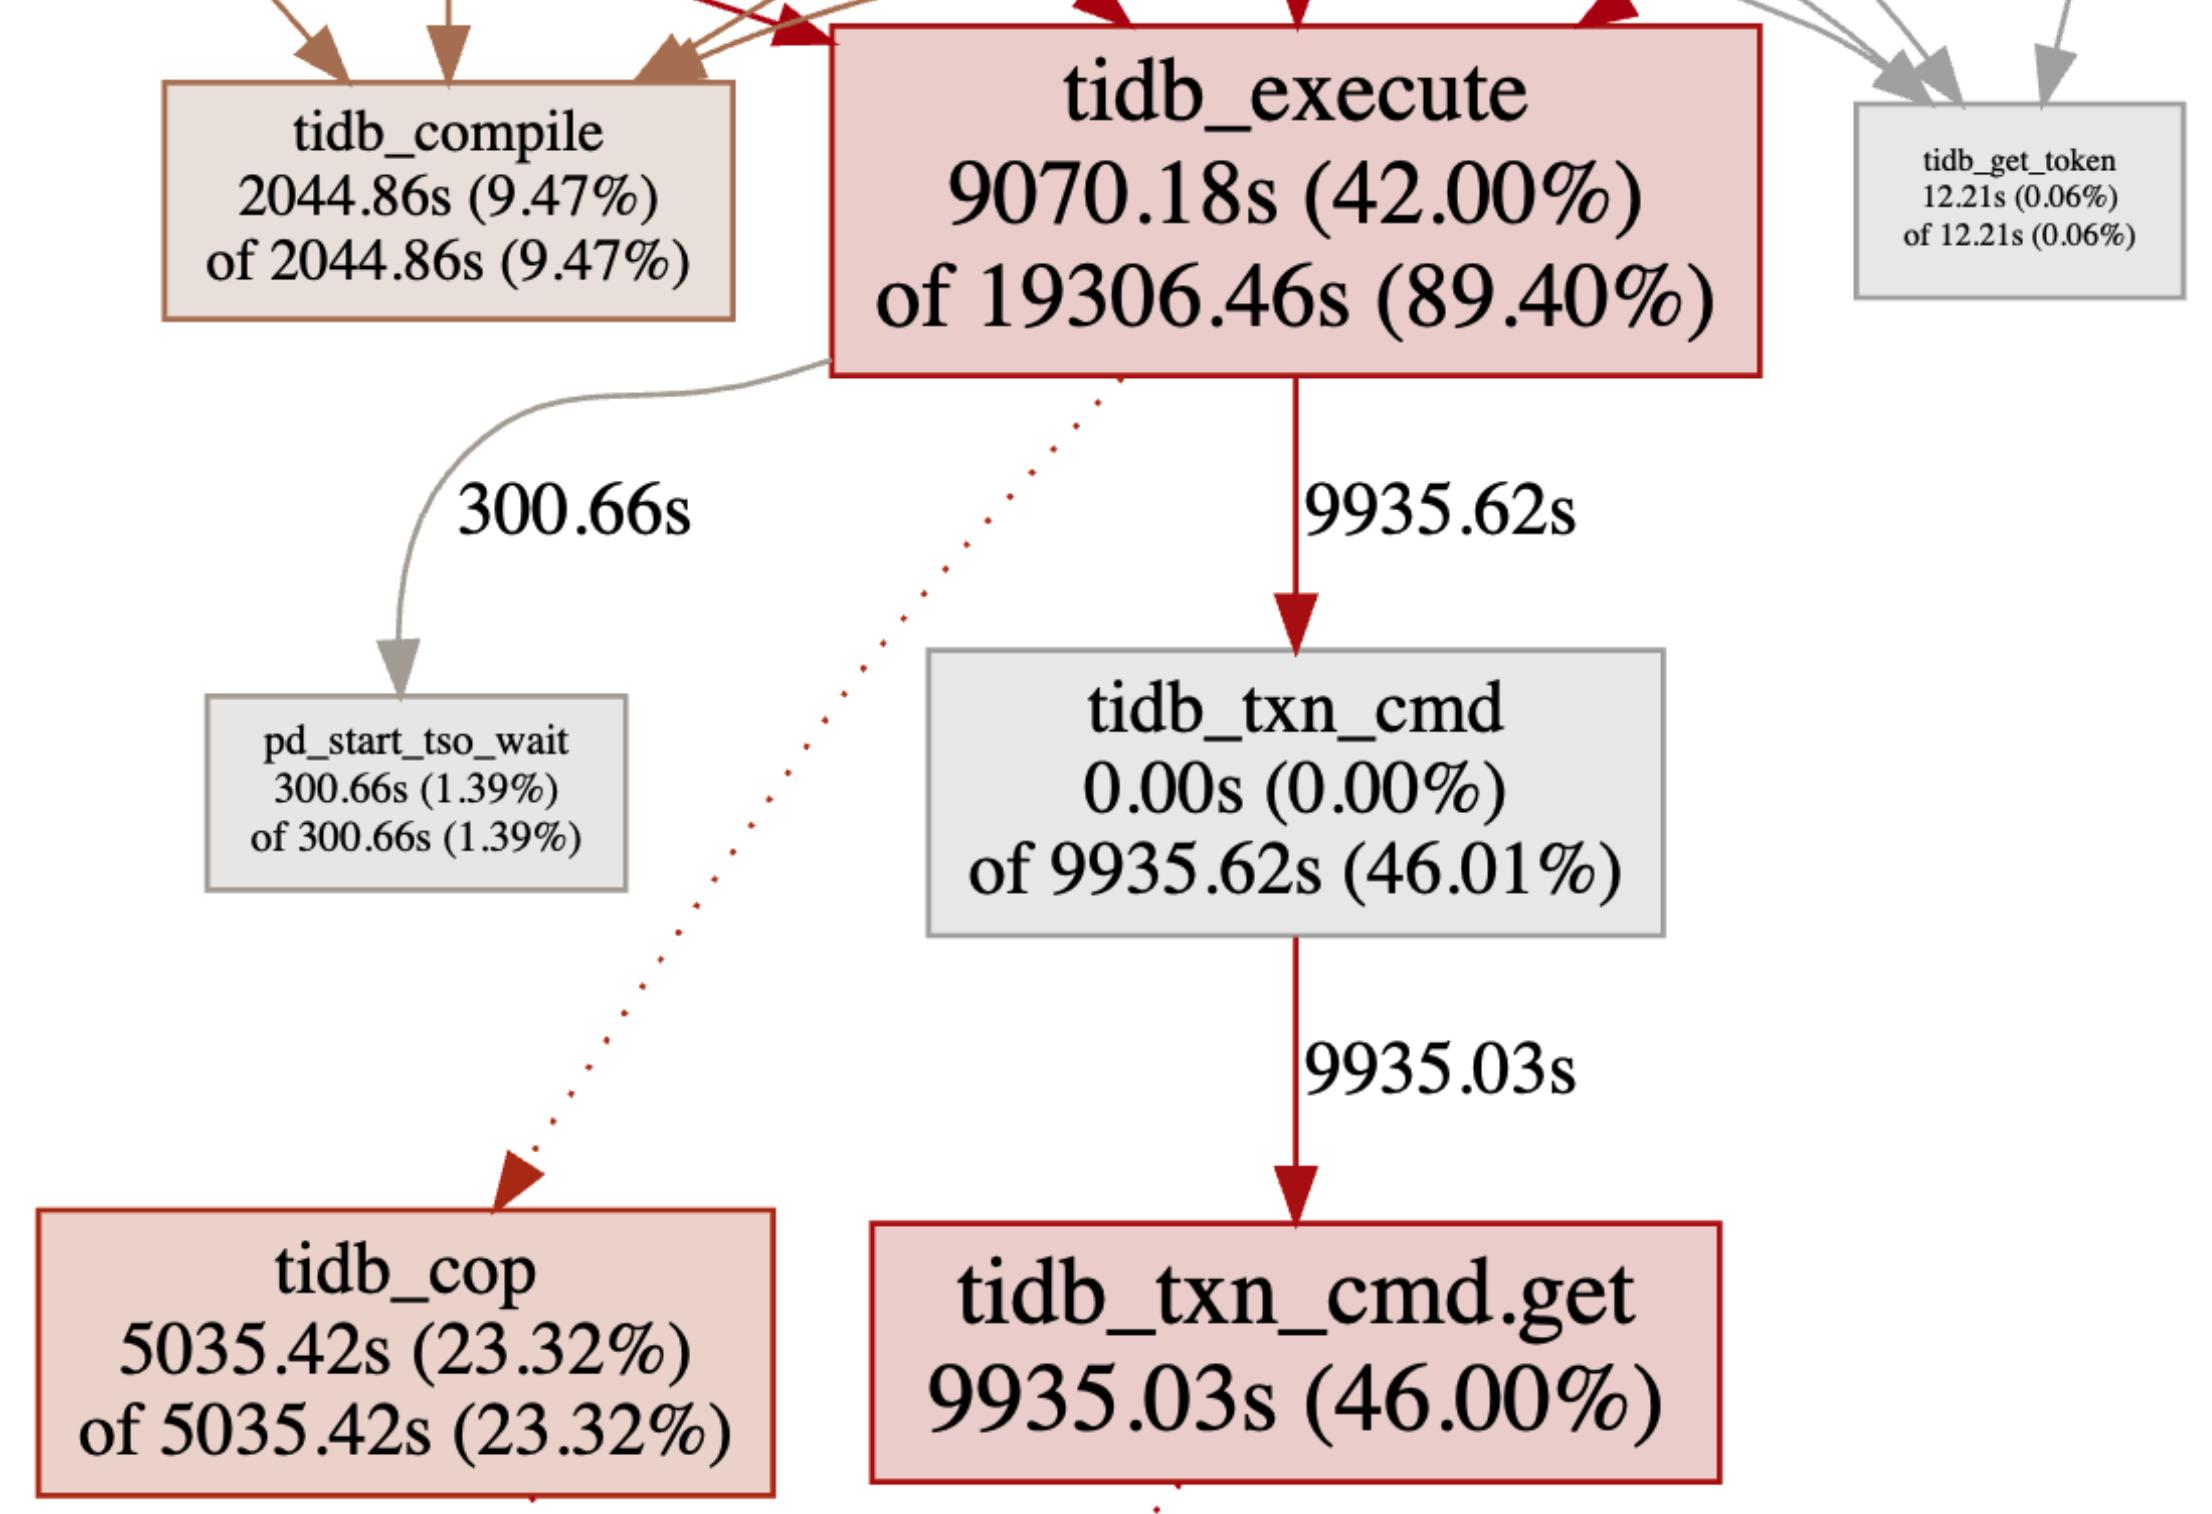 监控关系图 tidb_execute 节点注释